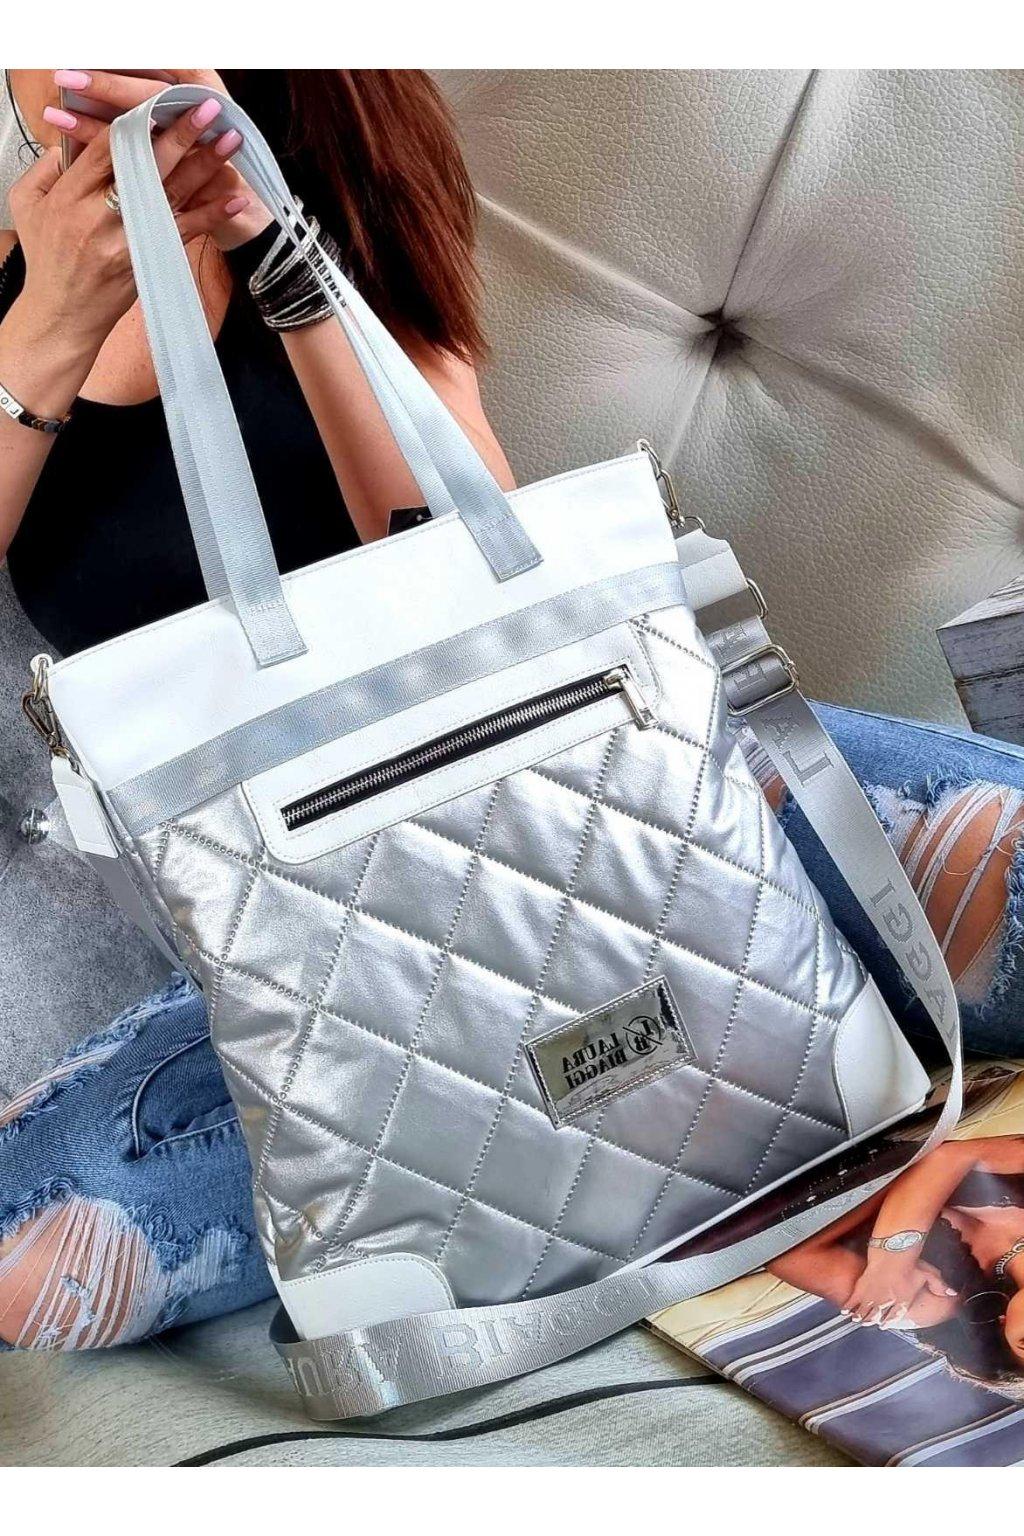 kabelka laura biaggi stříbrná trendy luxusní značková kabelka stylová sportovní